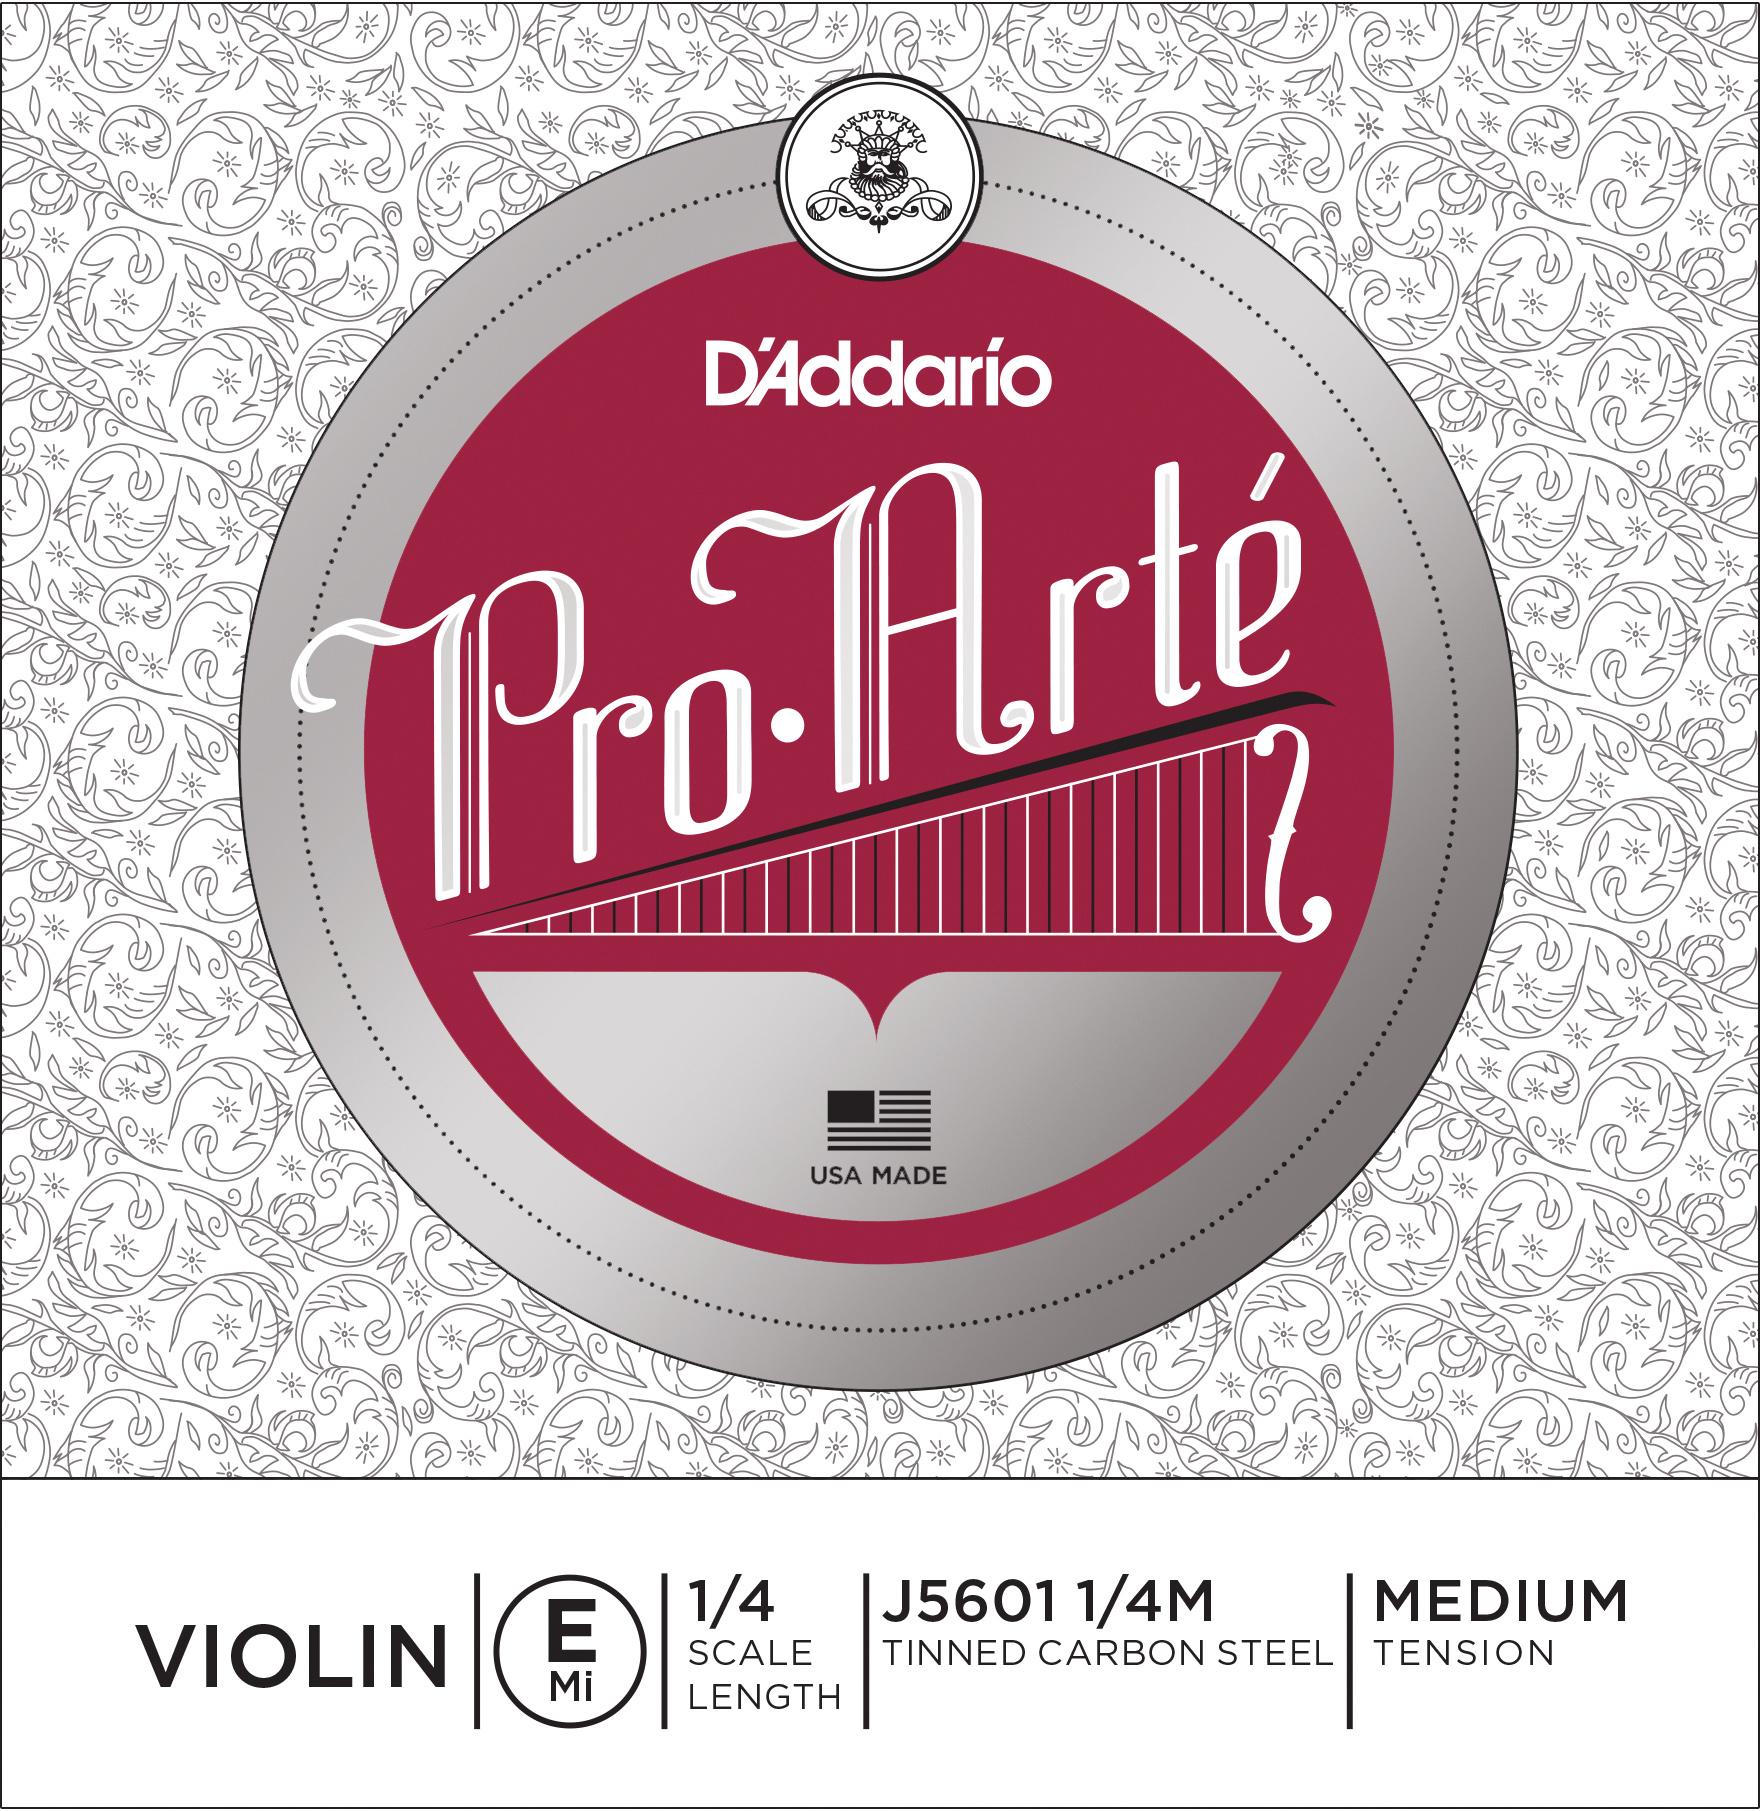 D'Addario Pro-Arte Violin Single E String 1/4 Scale Medium Tension